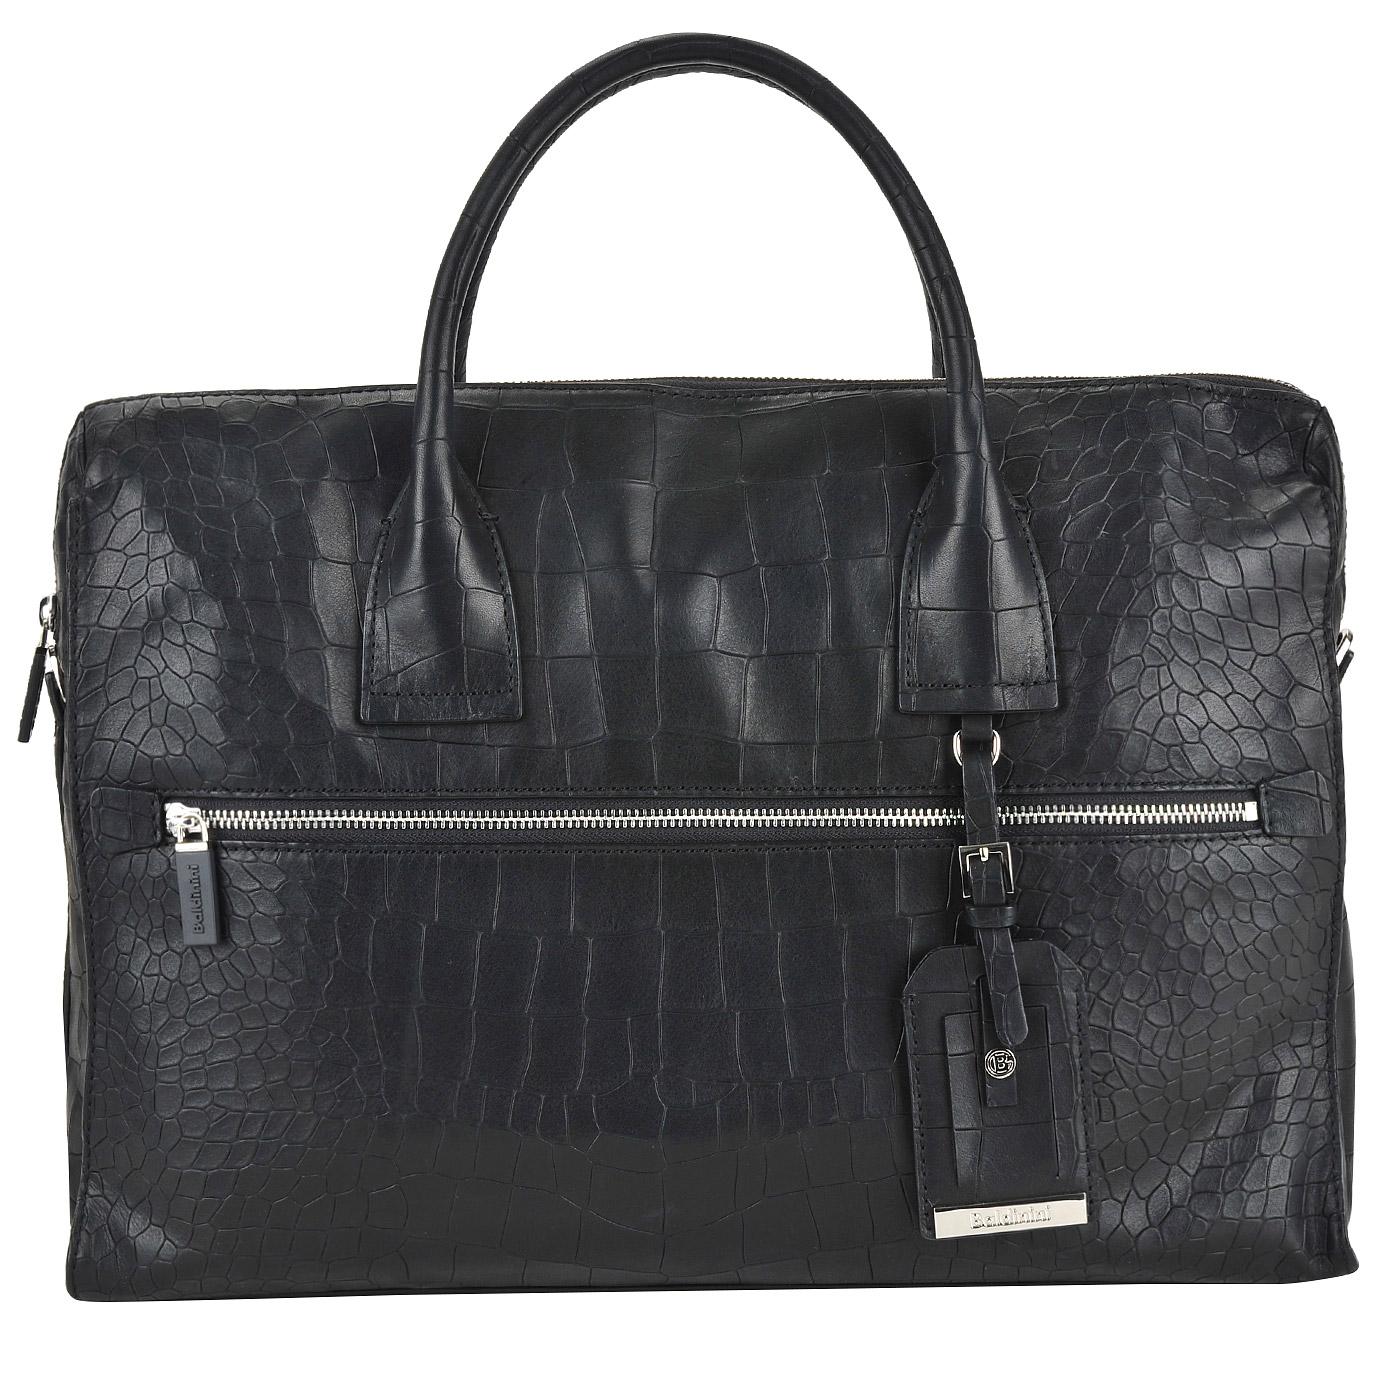 7beadf03c4fb ... Вместительная мужская деловая сумка с выделкой под кожу крокодила  Baldinini Ivan ...